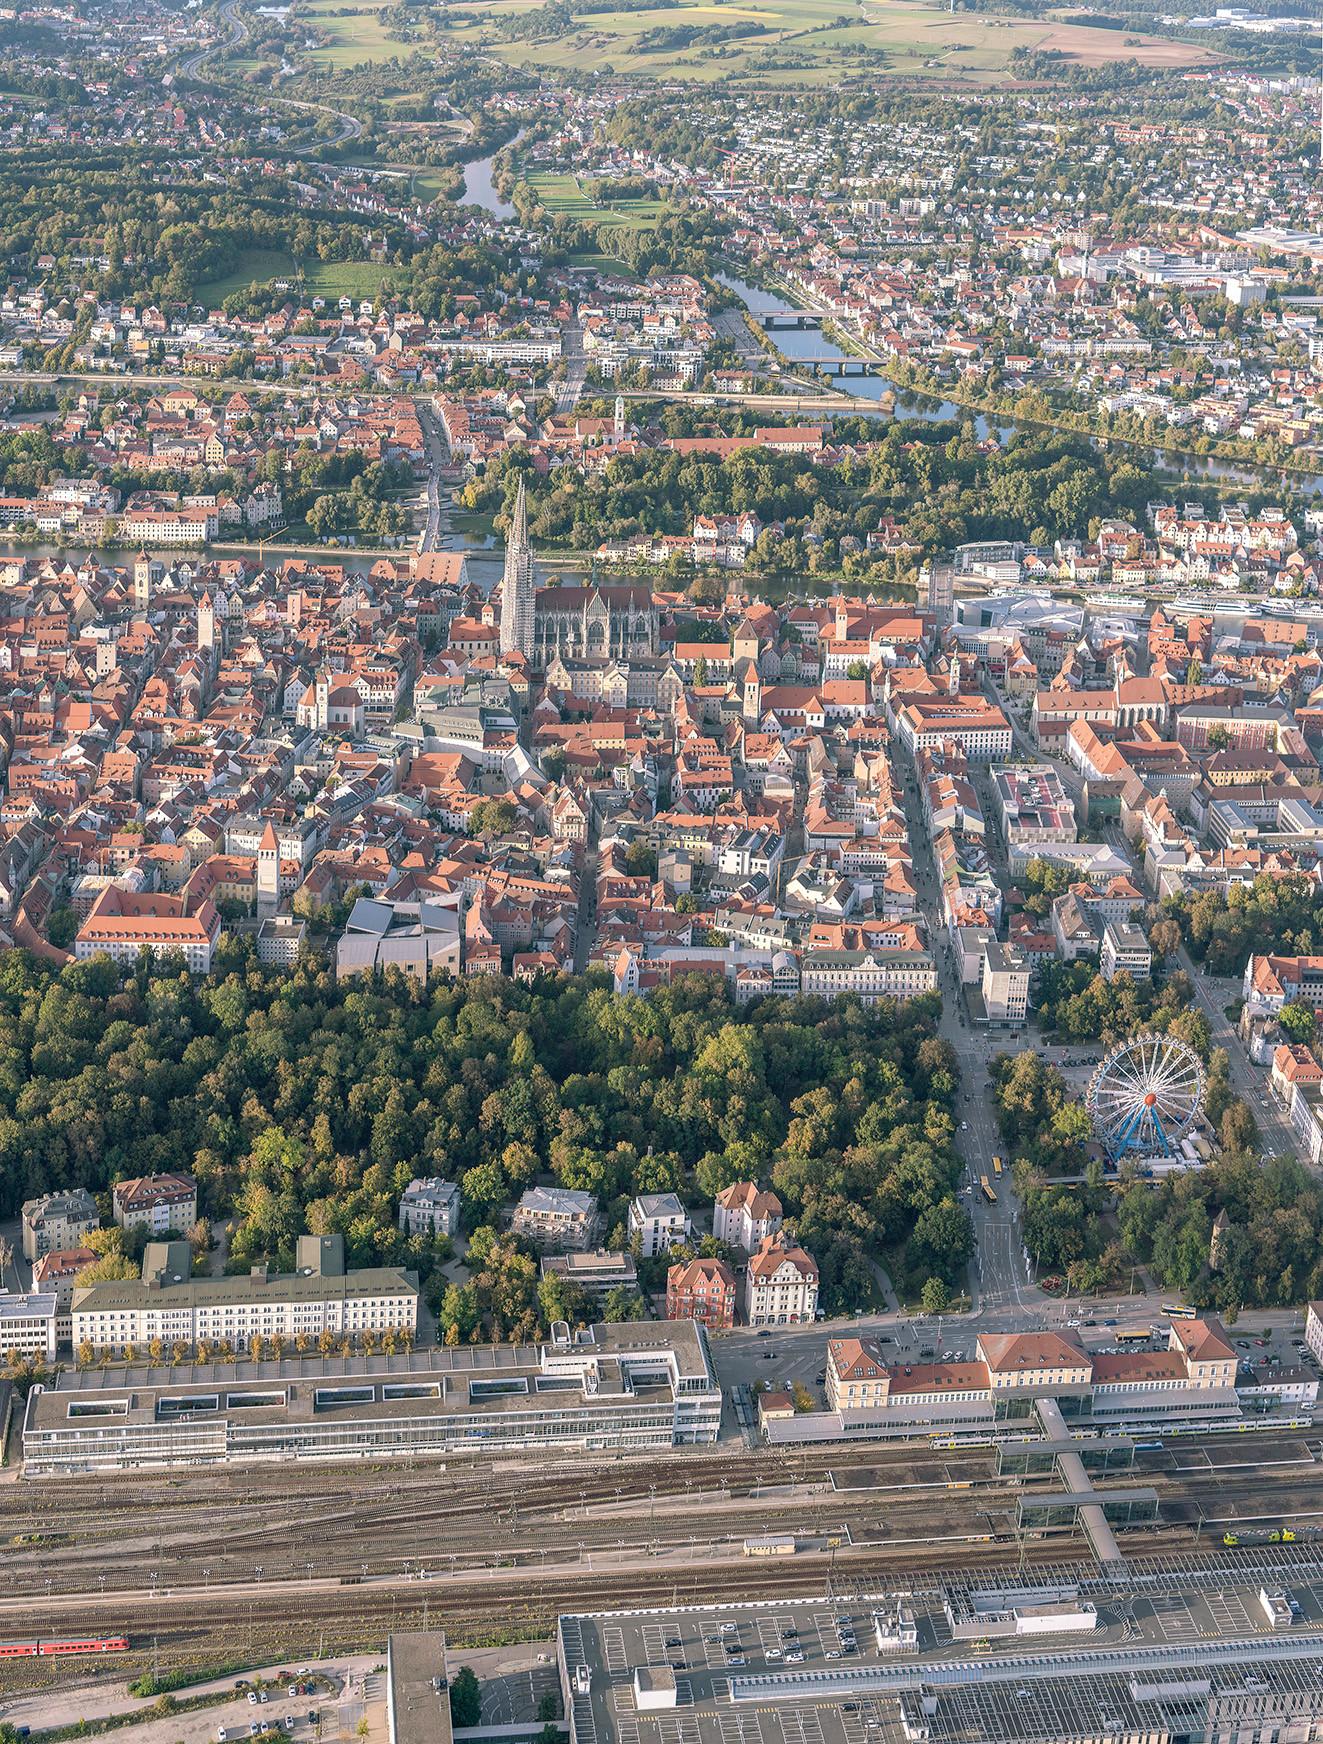 Vom Bahnhof über den Grüngürtel und die Altstadt bis zum Regen